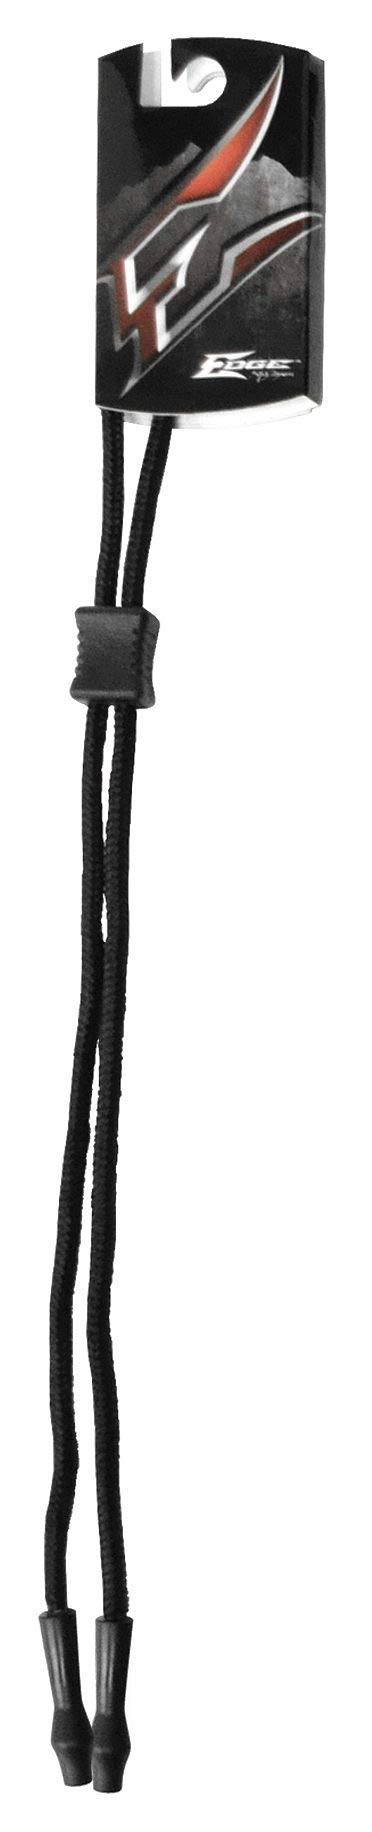 Edge Eyewear Eyewear Retainer, Bk, 12 In, Nyl - 9701 by Edge Eyewear